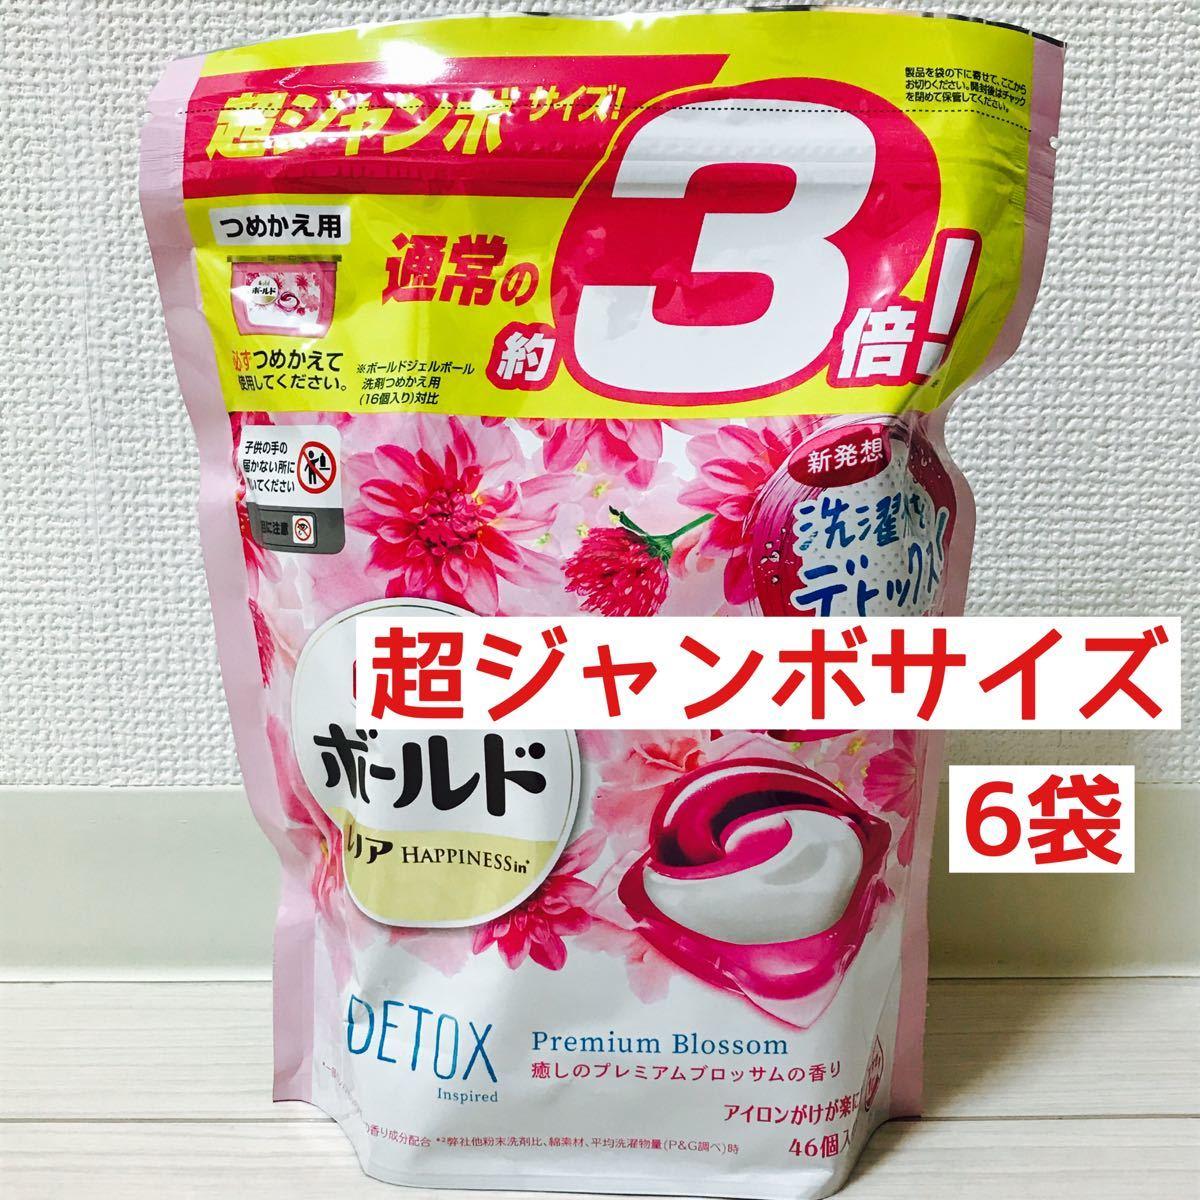 アリエール ジェルボール3D プレミアムブロッサムの香り まとめ買い 超ジャンボサイズ 6袋